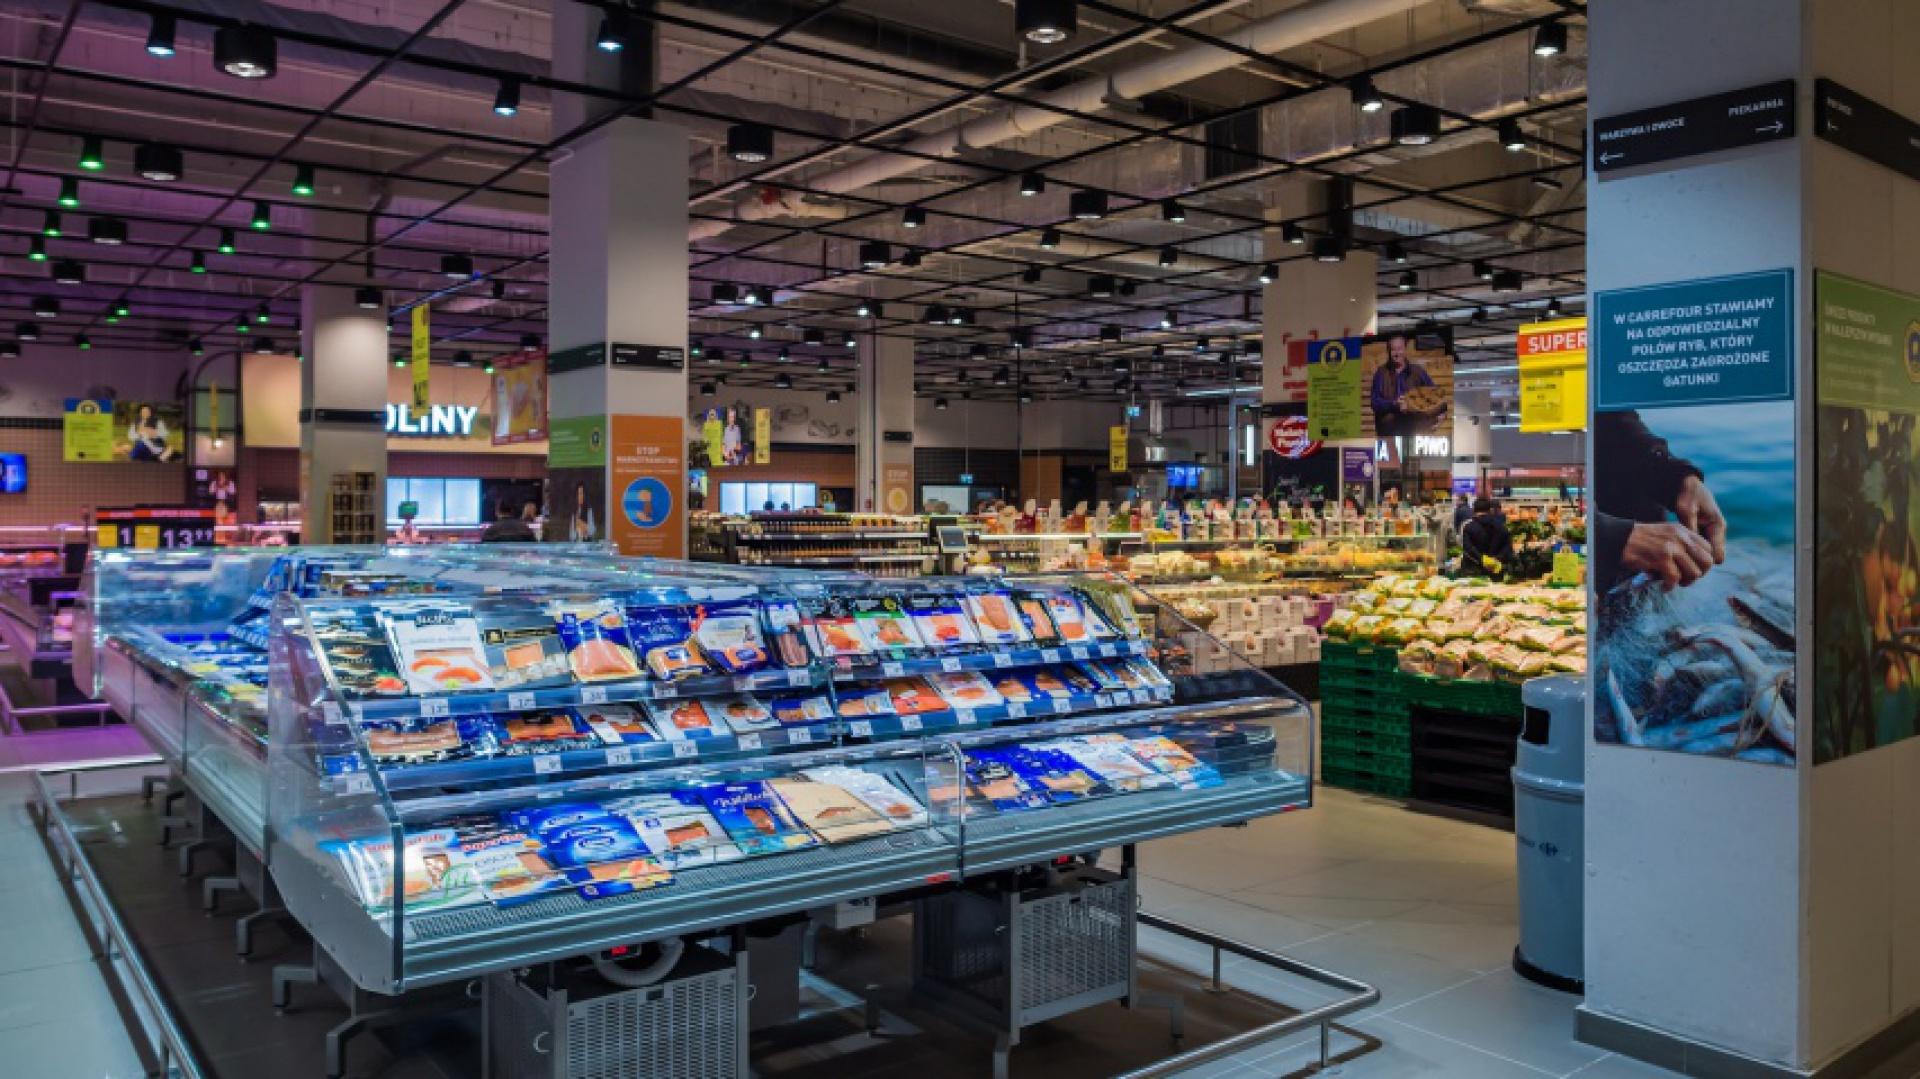 fot. materiały prasowe Carrefour